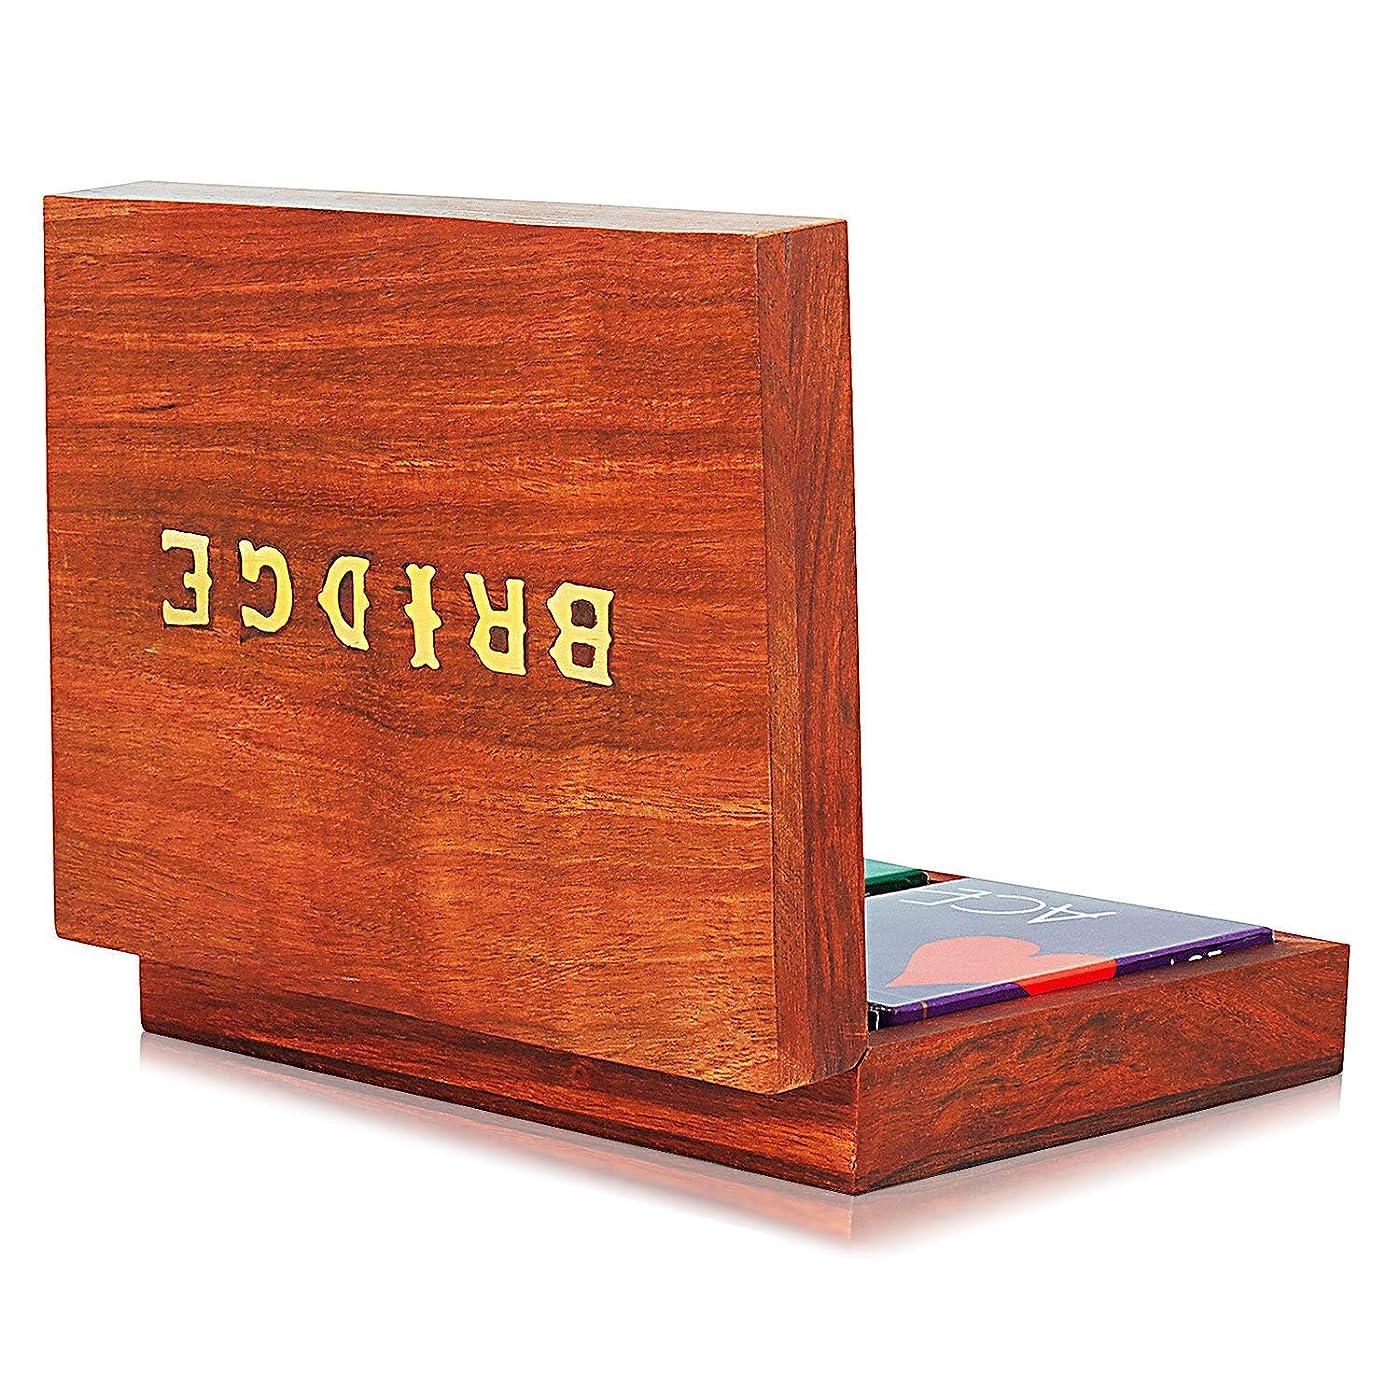 インタラクション変形する排除するThe Great Indian Bazaar 手作り木製ブリッジトランプ ホルダー デッキボックス 収納ケース オーガナイザー 2セット 高品質 「Ace」トランプ 記念日 新築祝い ギフト 彼氏 彼女